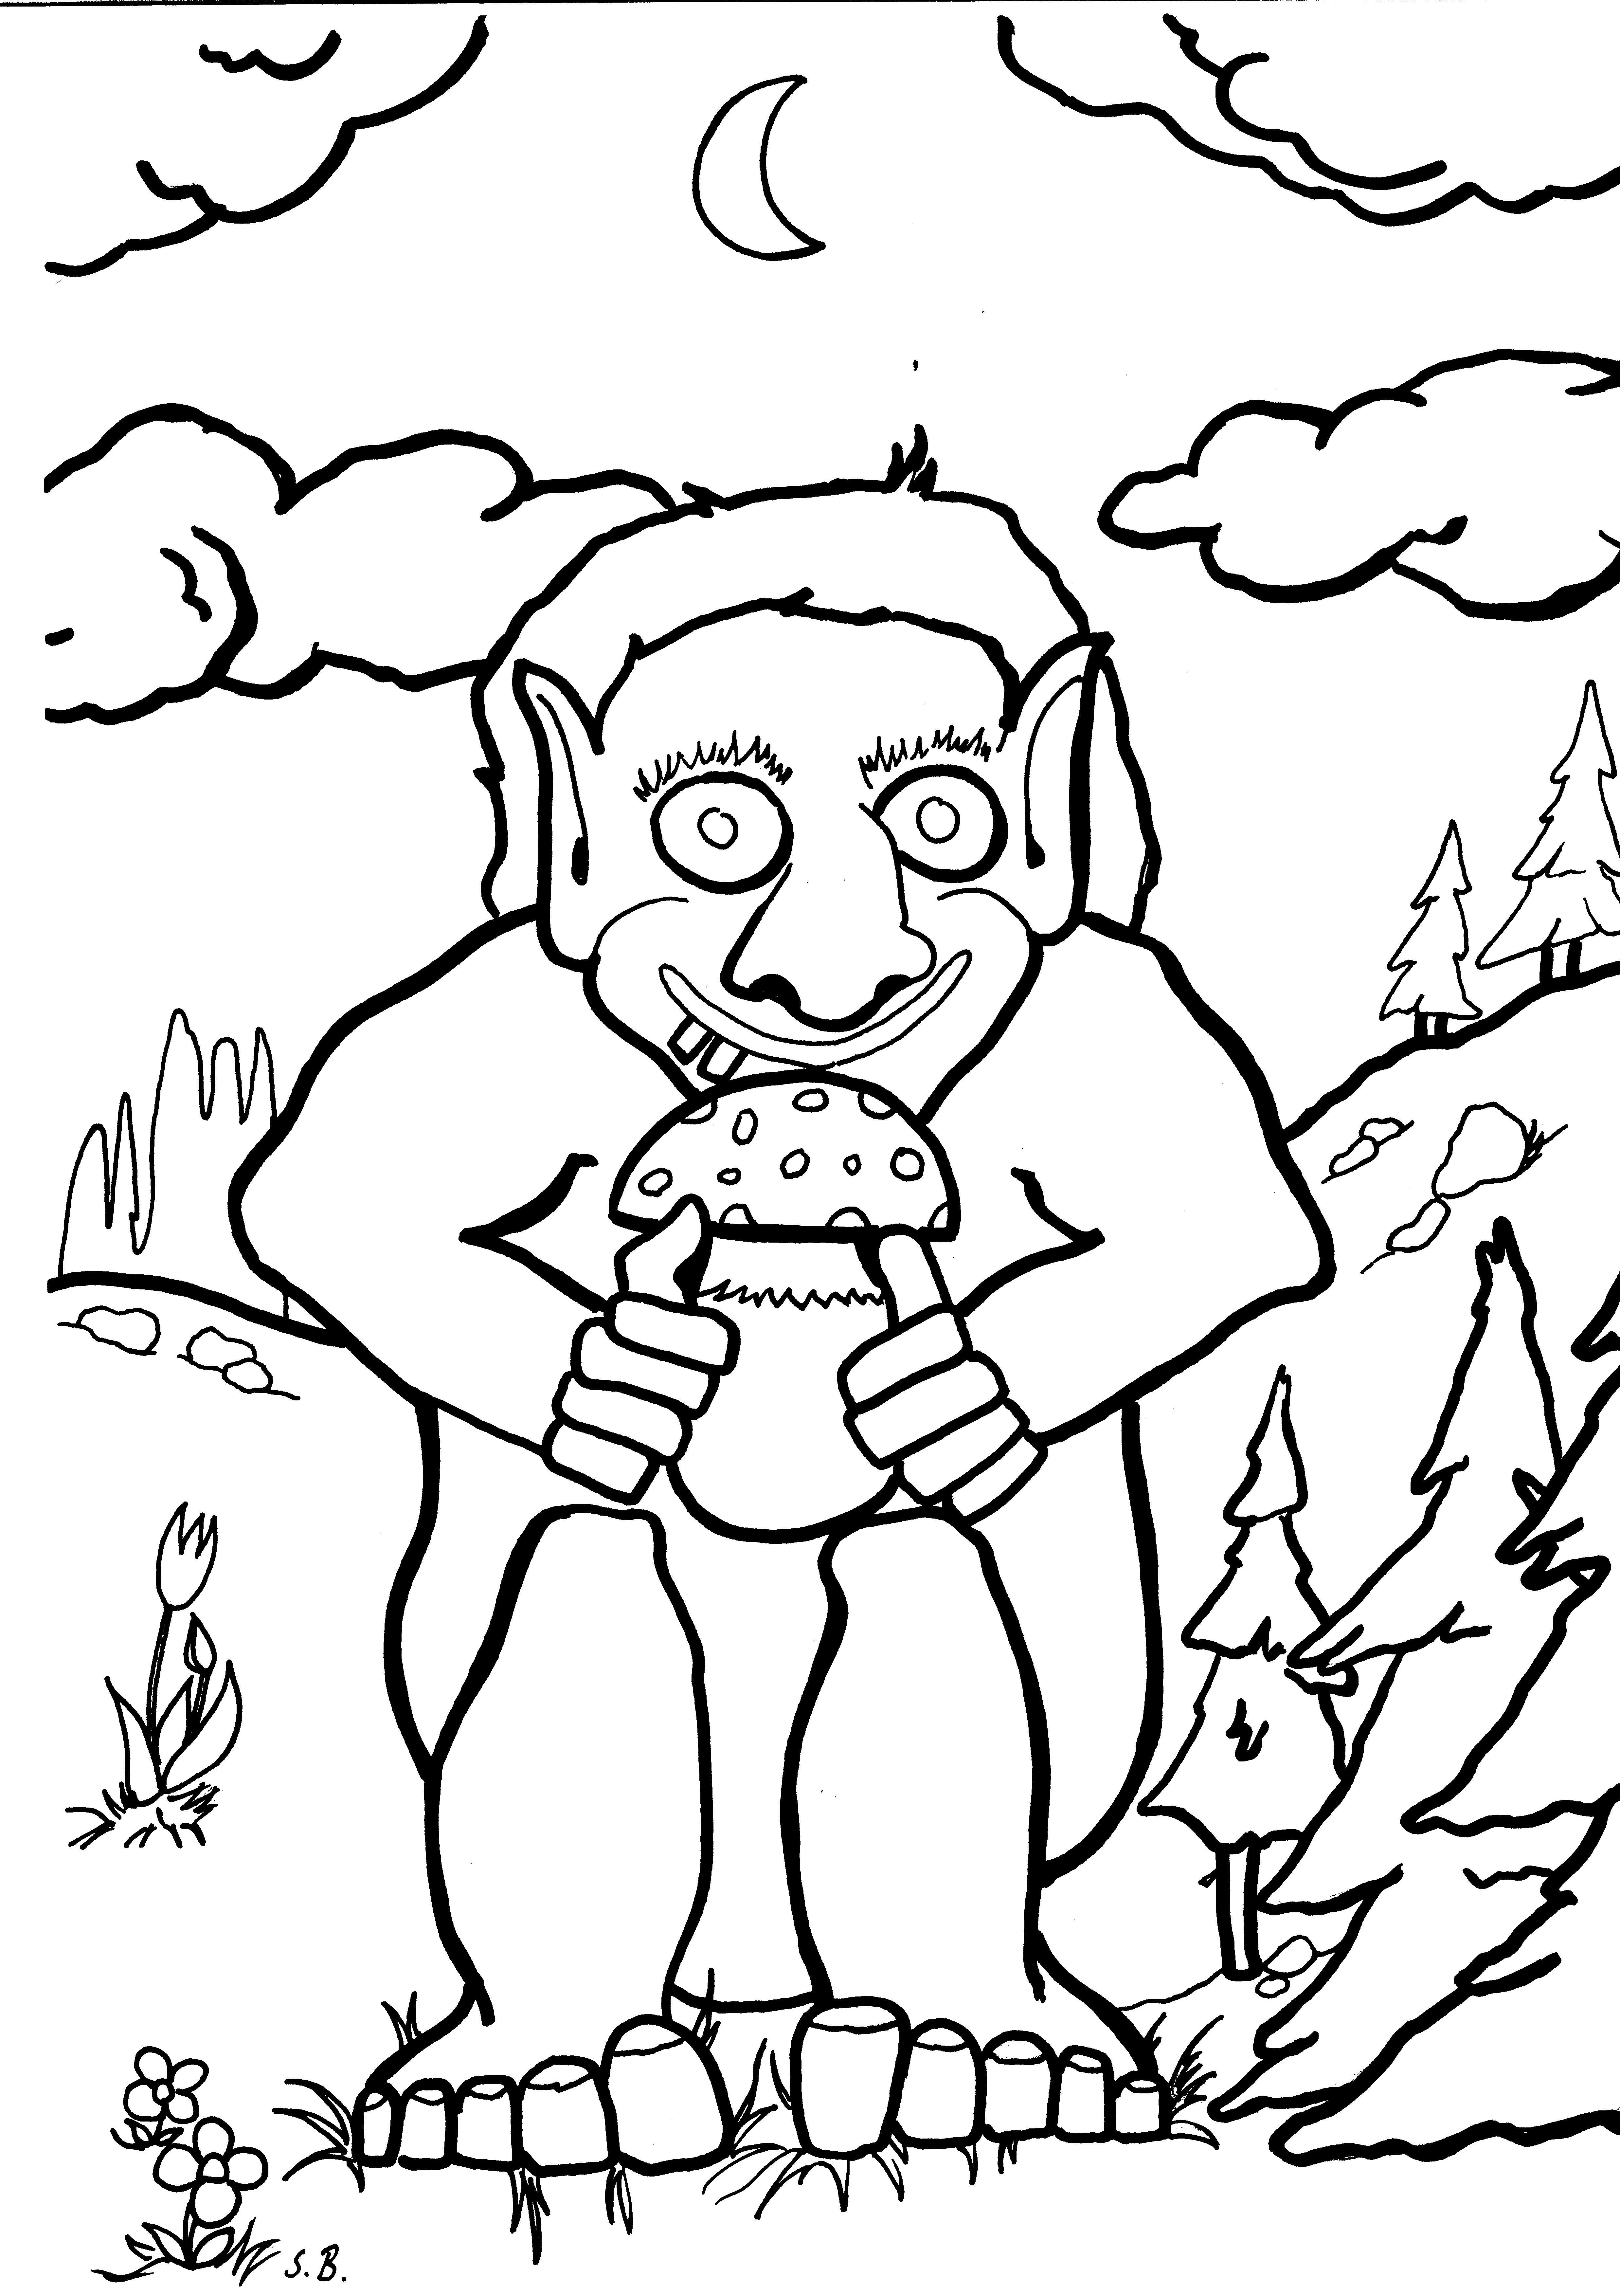 Ausmalbilder Trolls Kostenlos 11 Malvorlage Trolls Ausmalbilder